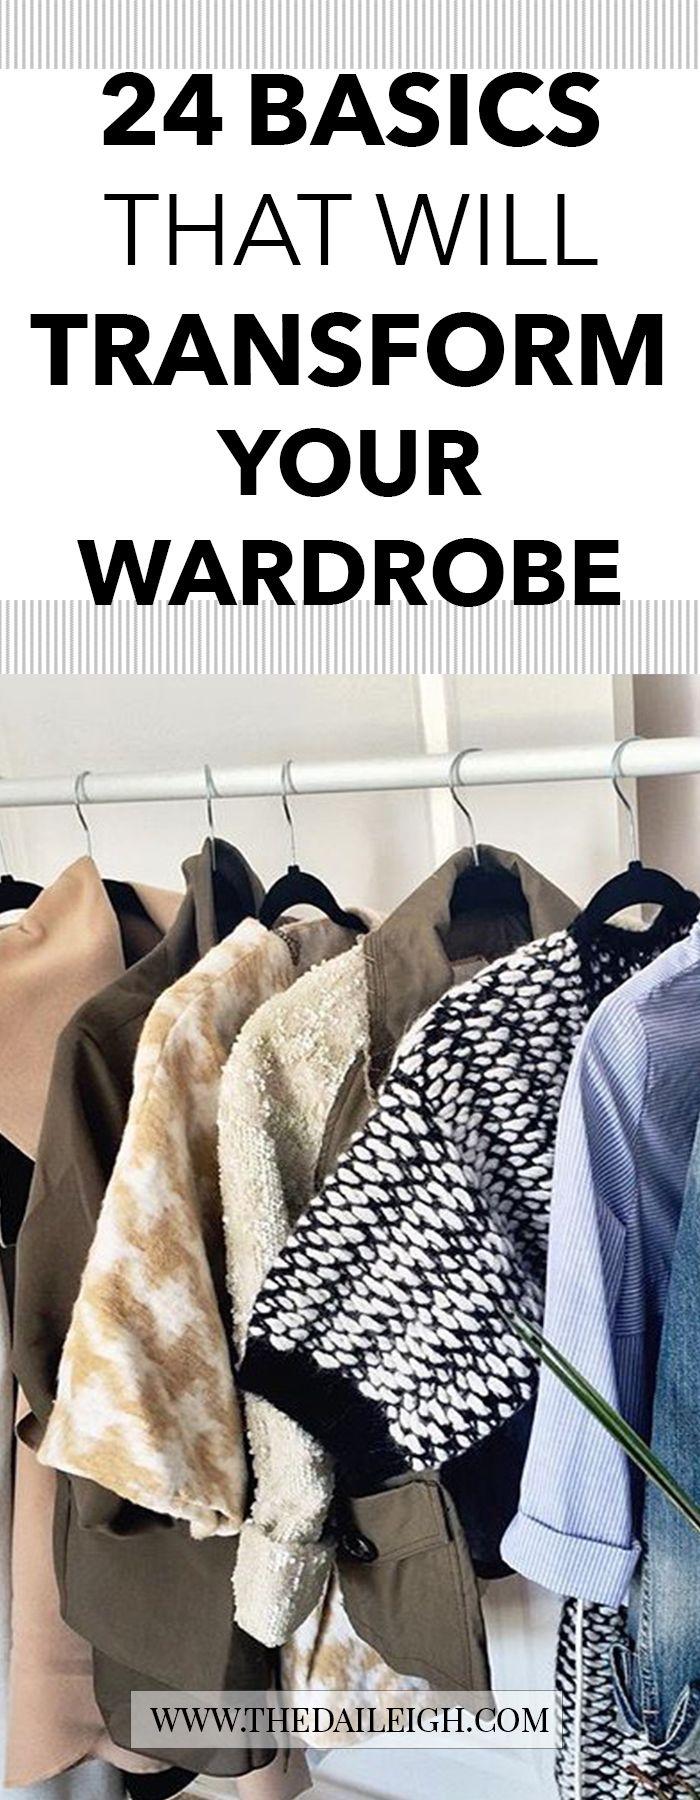 Wardrobe Basics For Women | Wardrobe Basics | How To Dress | How To Be More Stylish | Transform Wardrobe